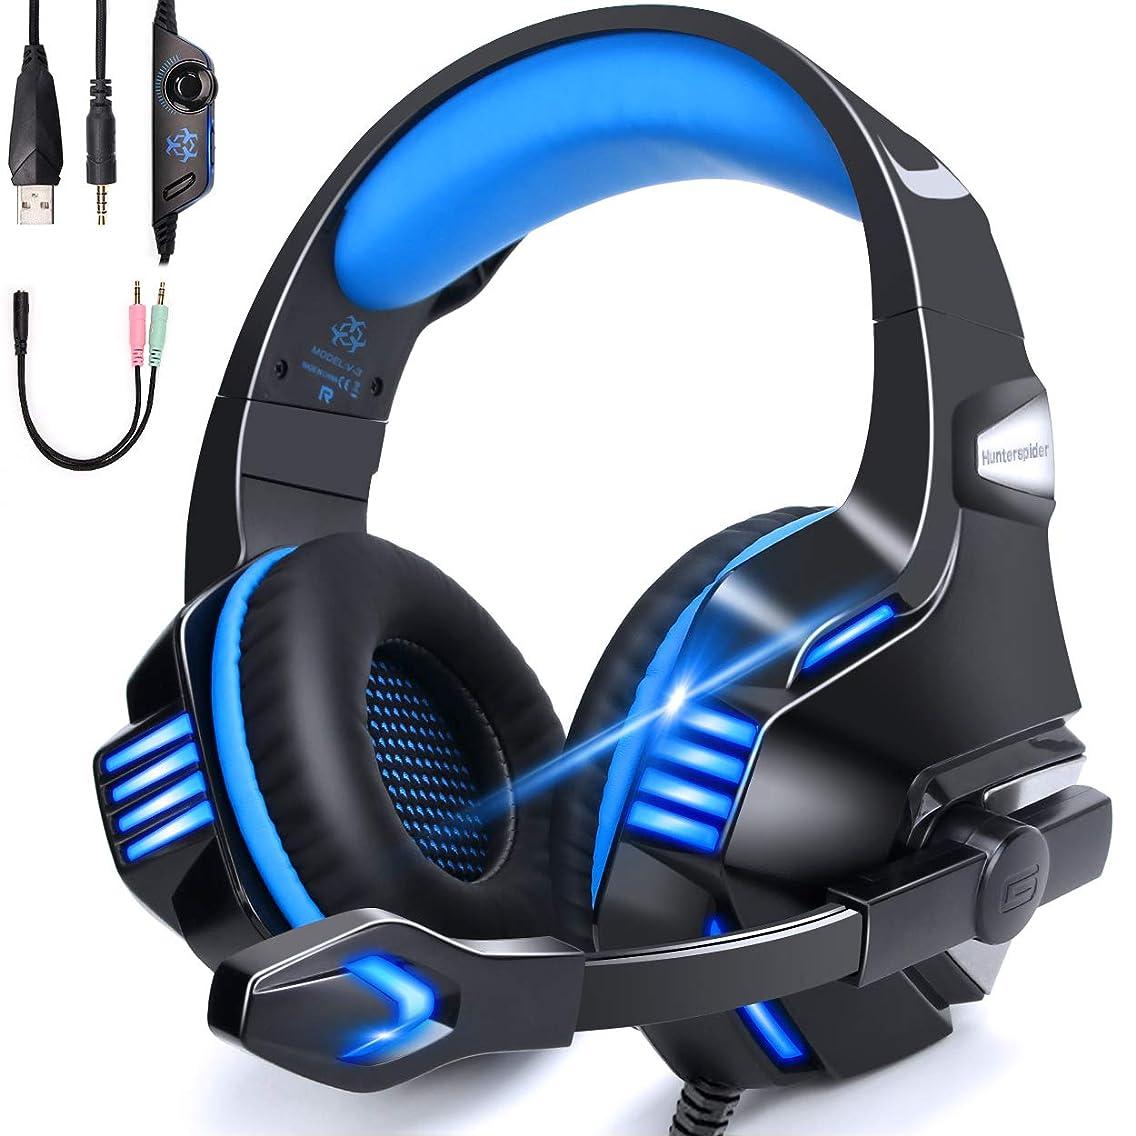 添加まっすぐコンテンポラリーゲーミングヘッドセット 高音質 ヘッドホン 軽量 ヘッドセット マイク付き ゲーム用 ヘッドフォン 有線 3.5mm 5.1ch FPS pcゲーム ps4に対応